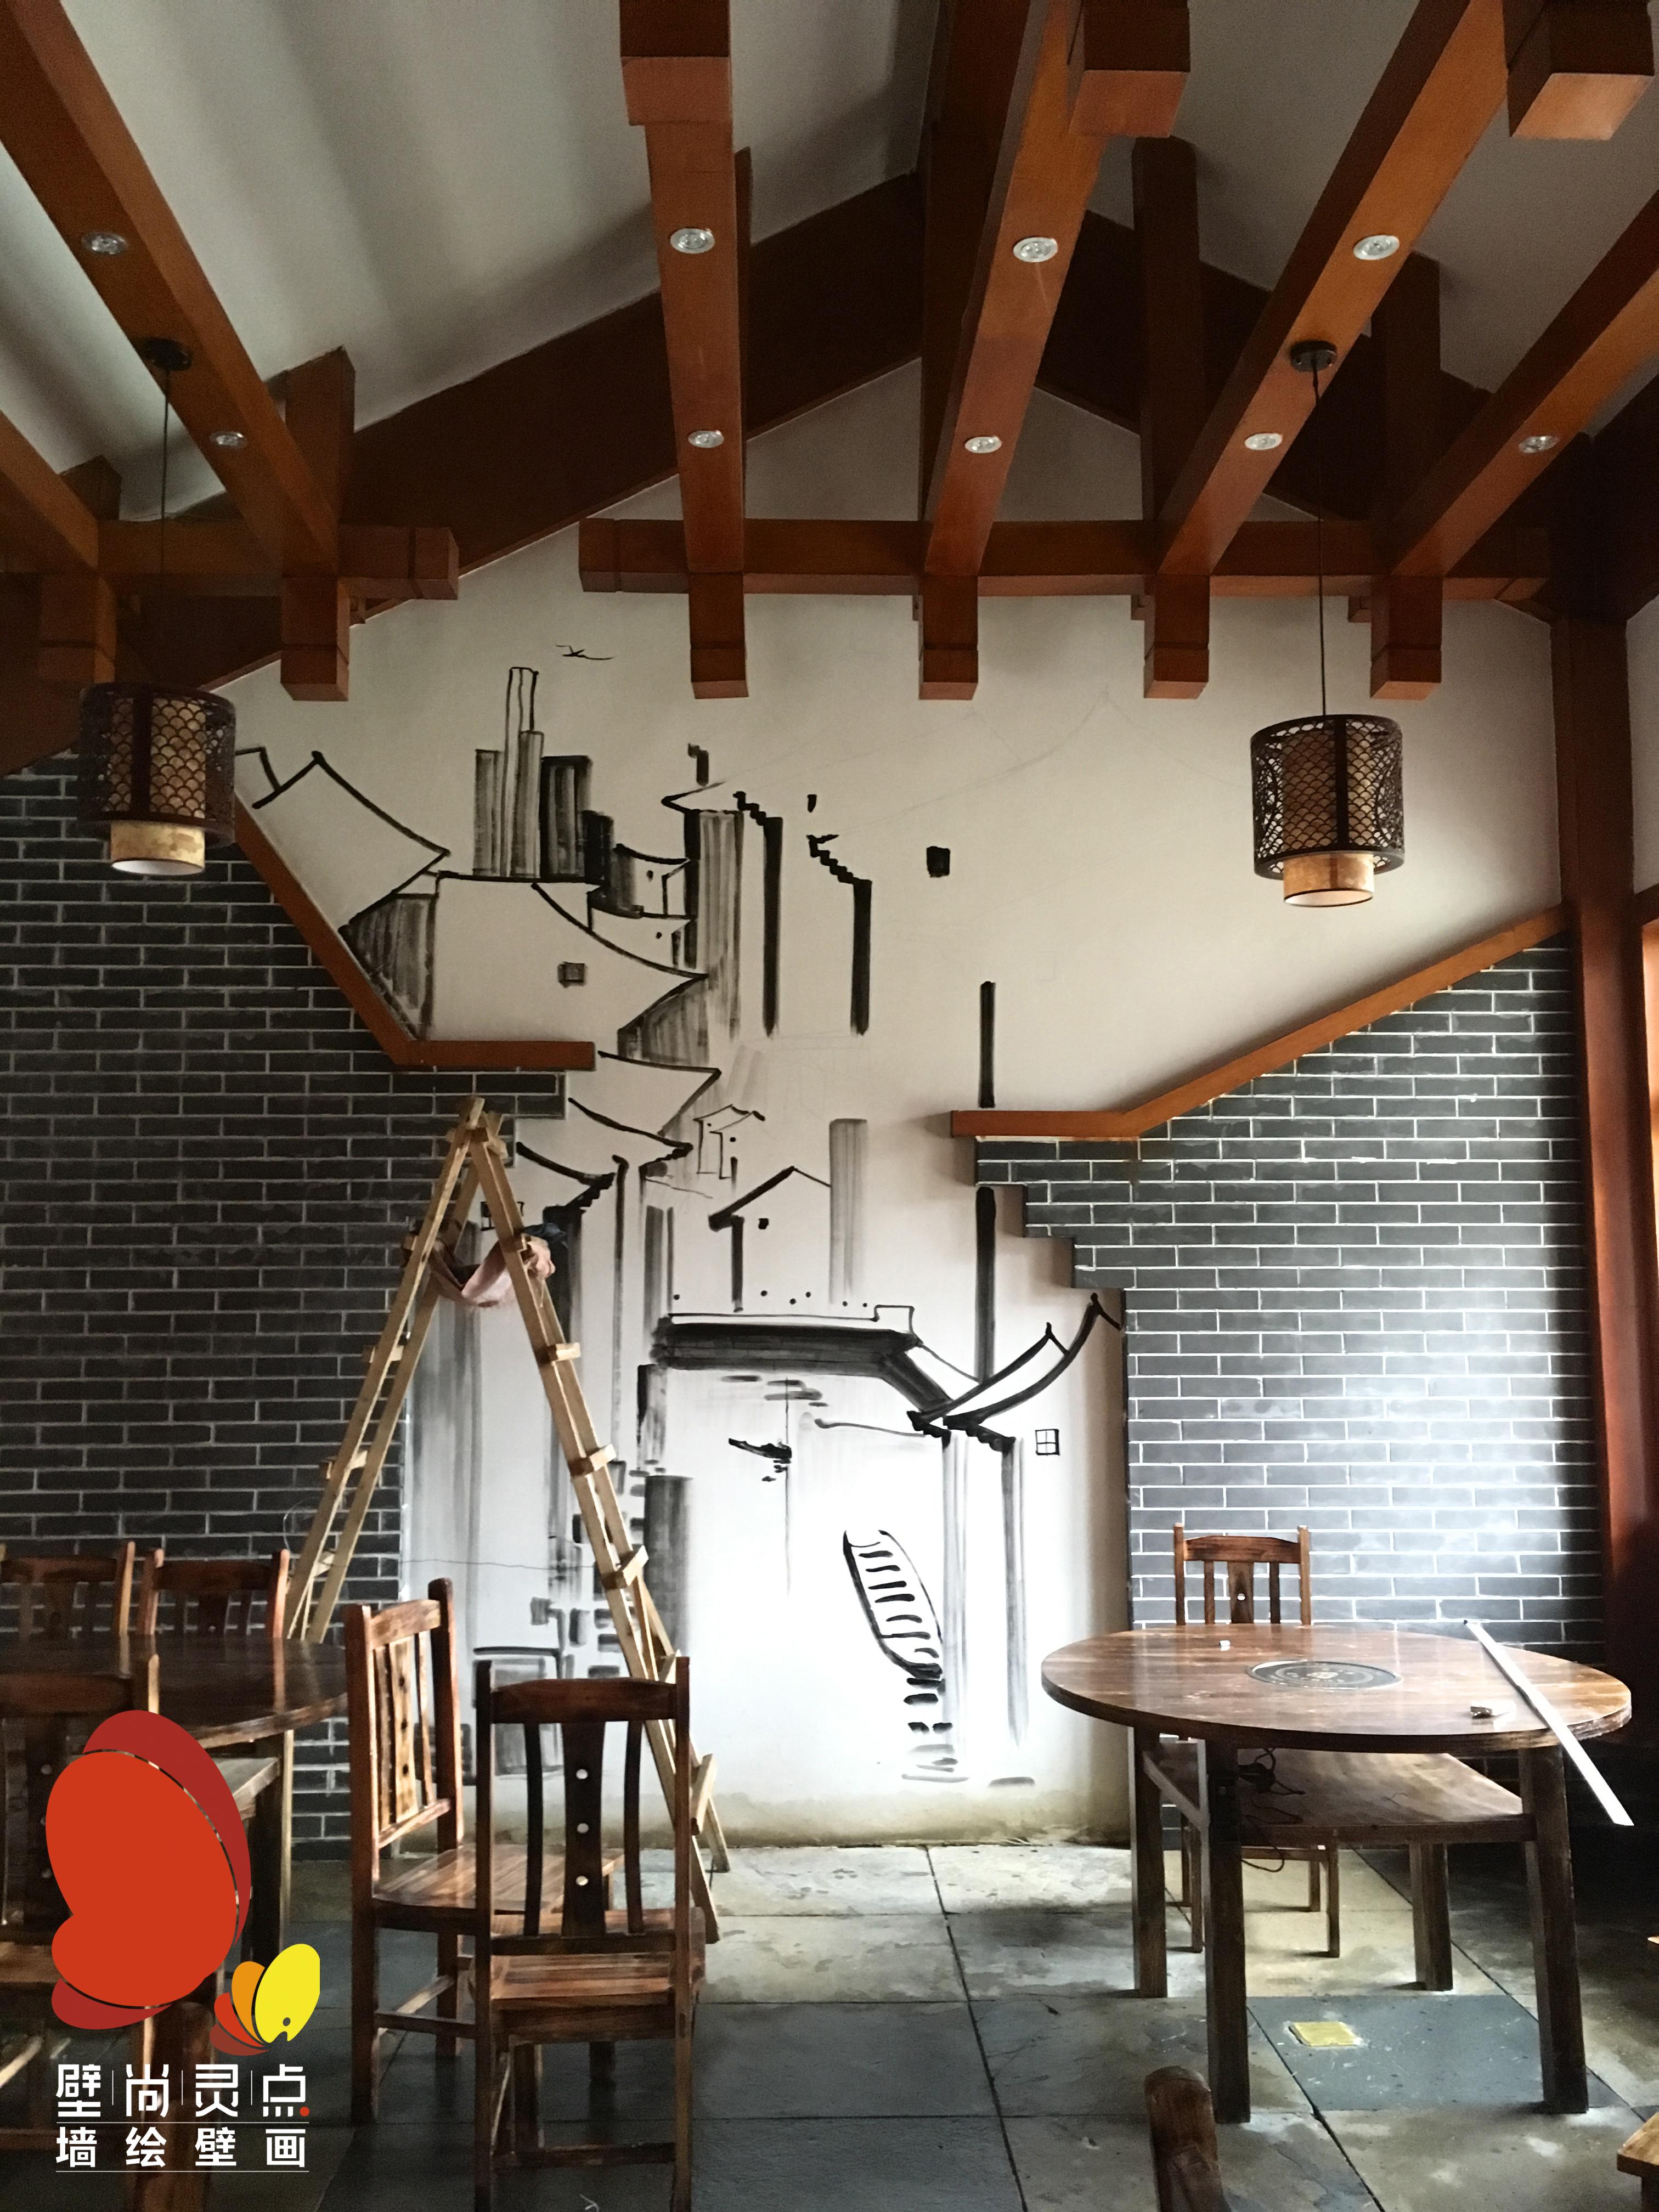 餐馆手绘|其他|墙绘/立体画|壁尚灵点 - 原创作品